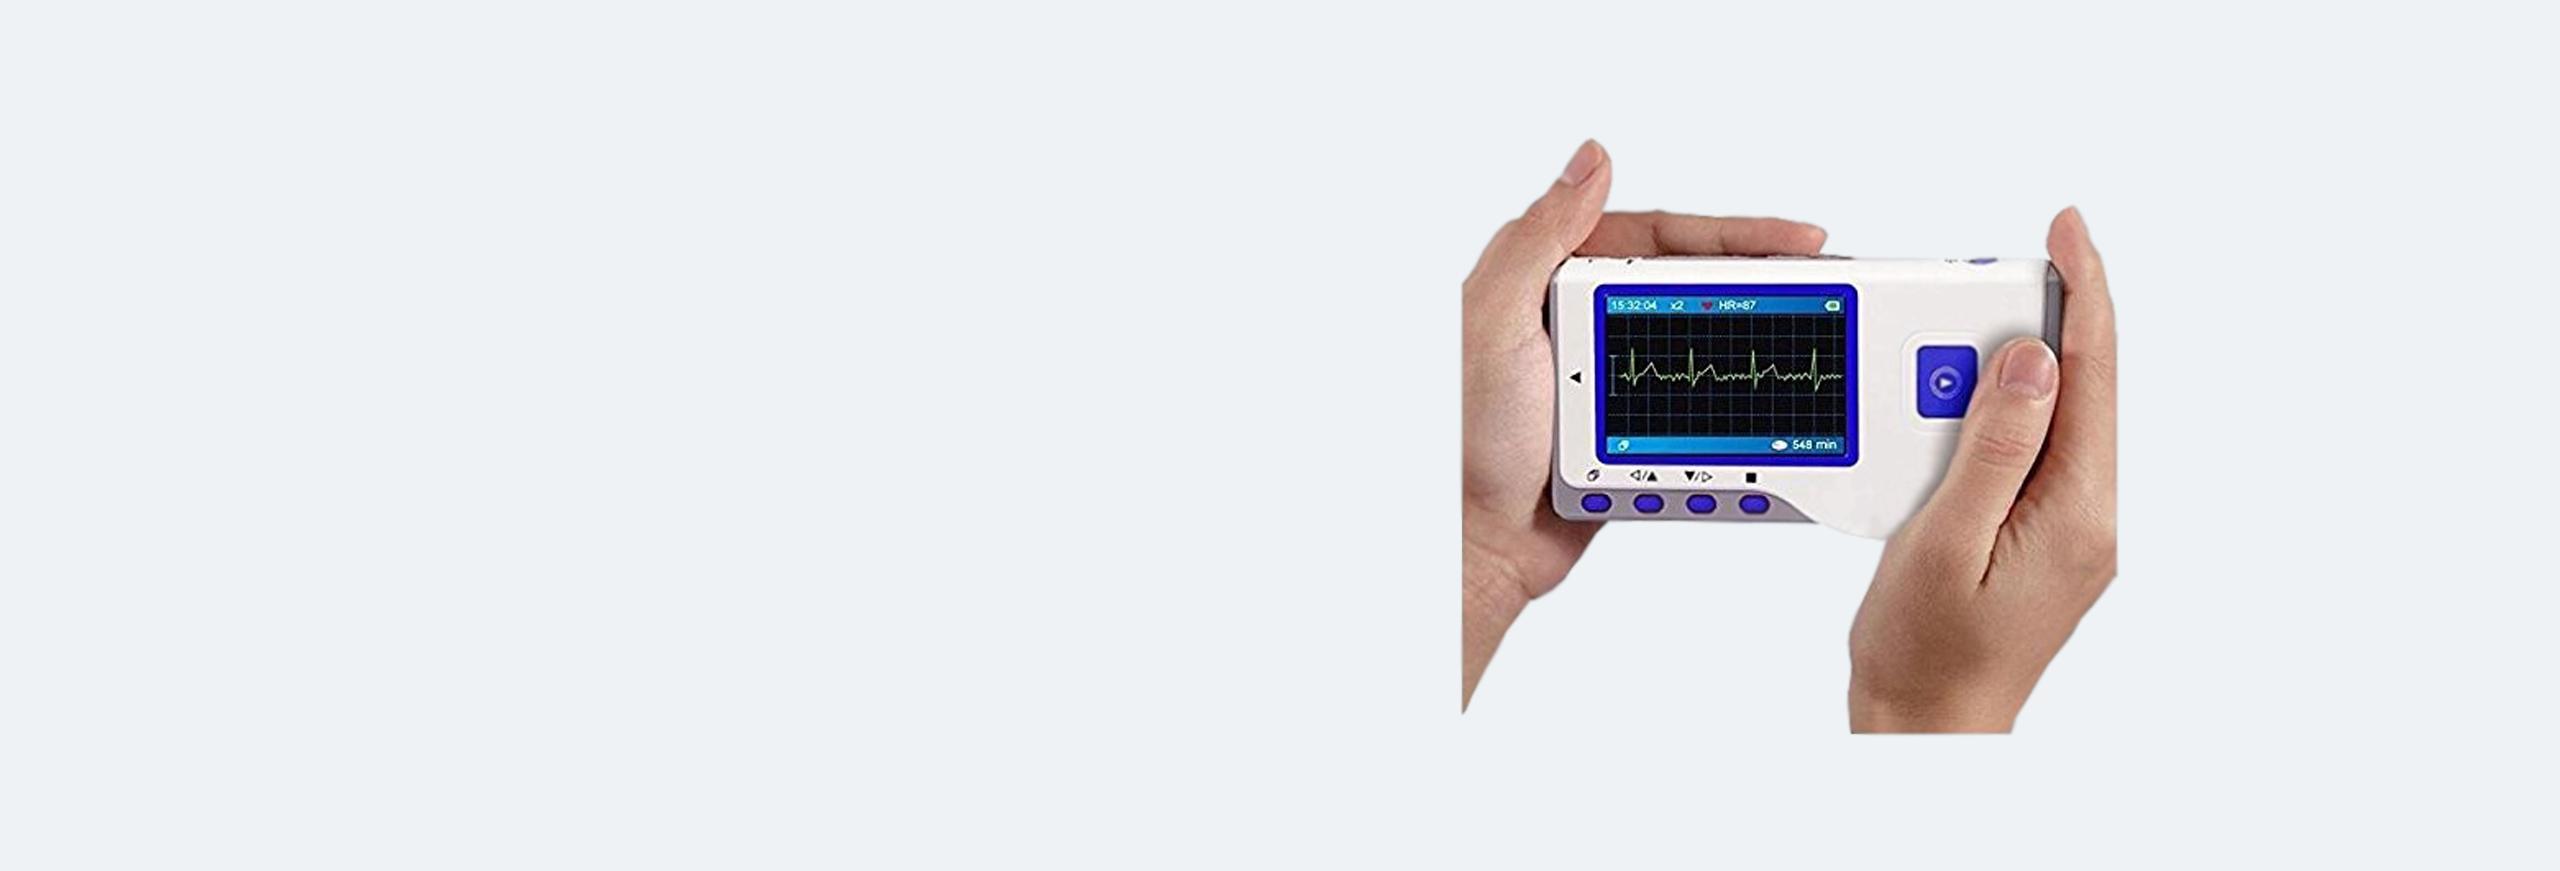 Portable ECG Heart Monitor